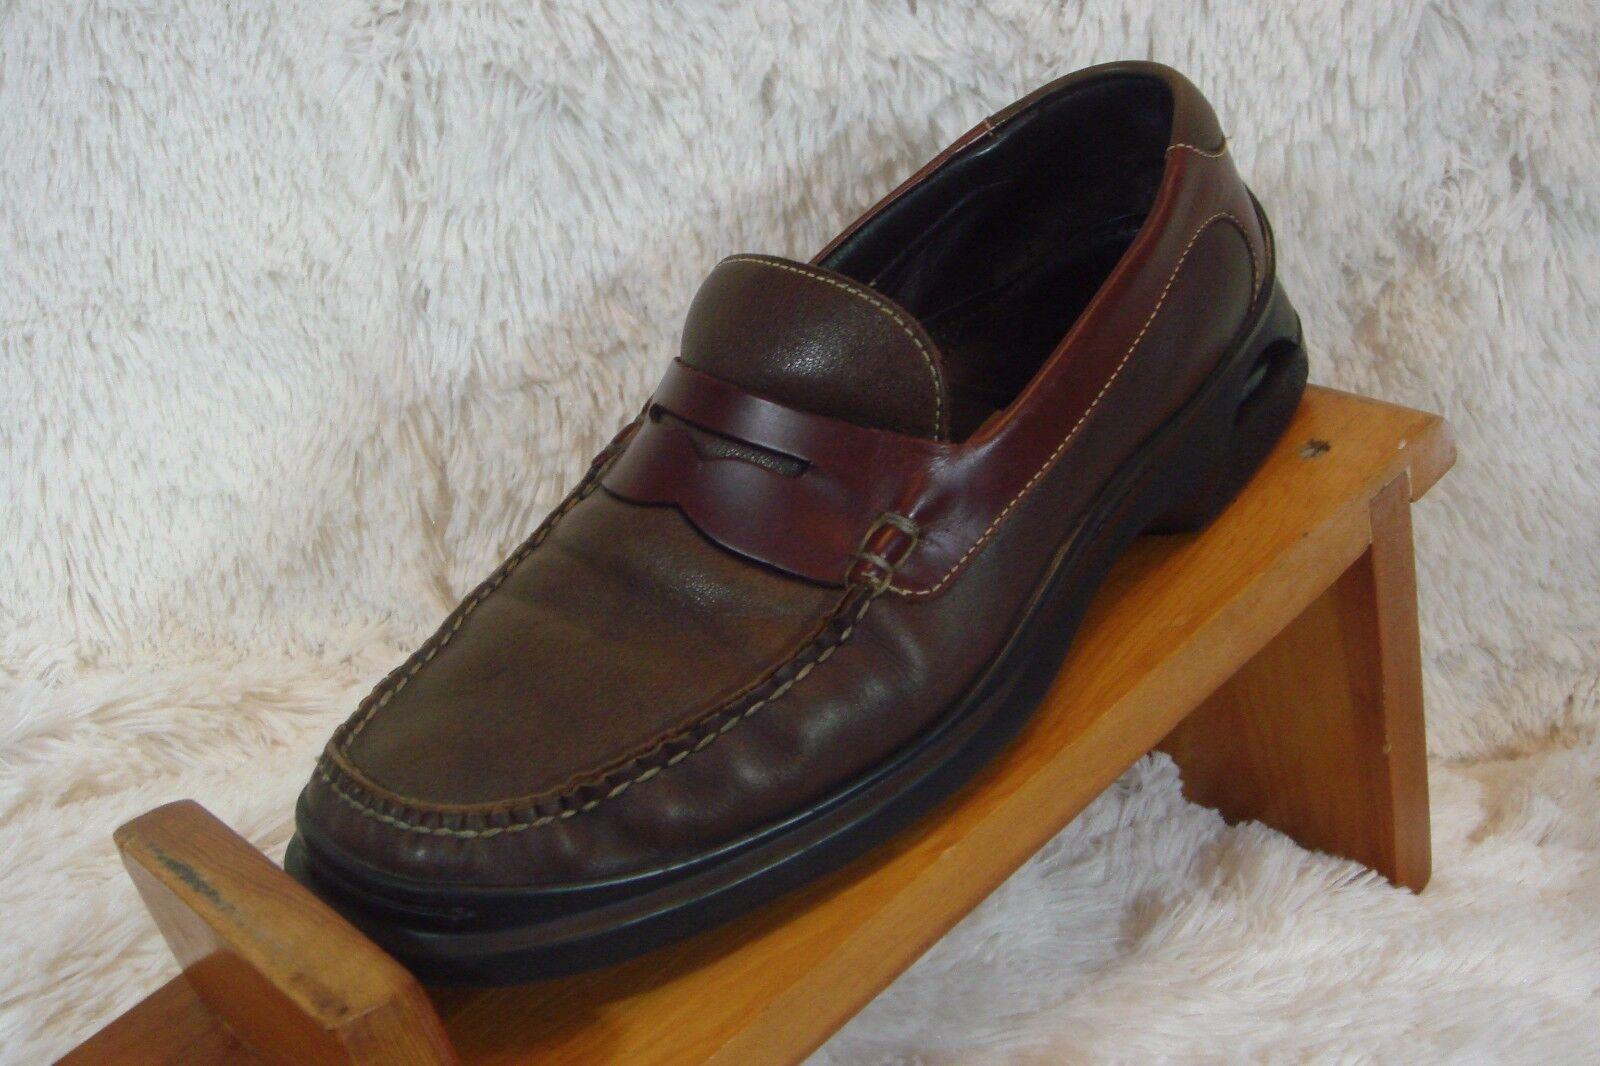 COLE HAAN India dos tonos de marrón Slip On NIK Cuero Zapatos M AIR